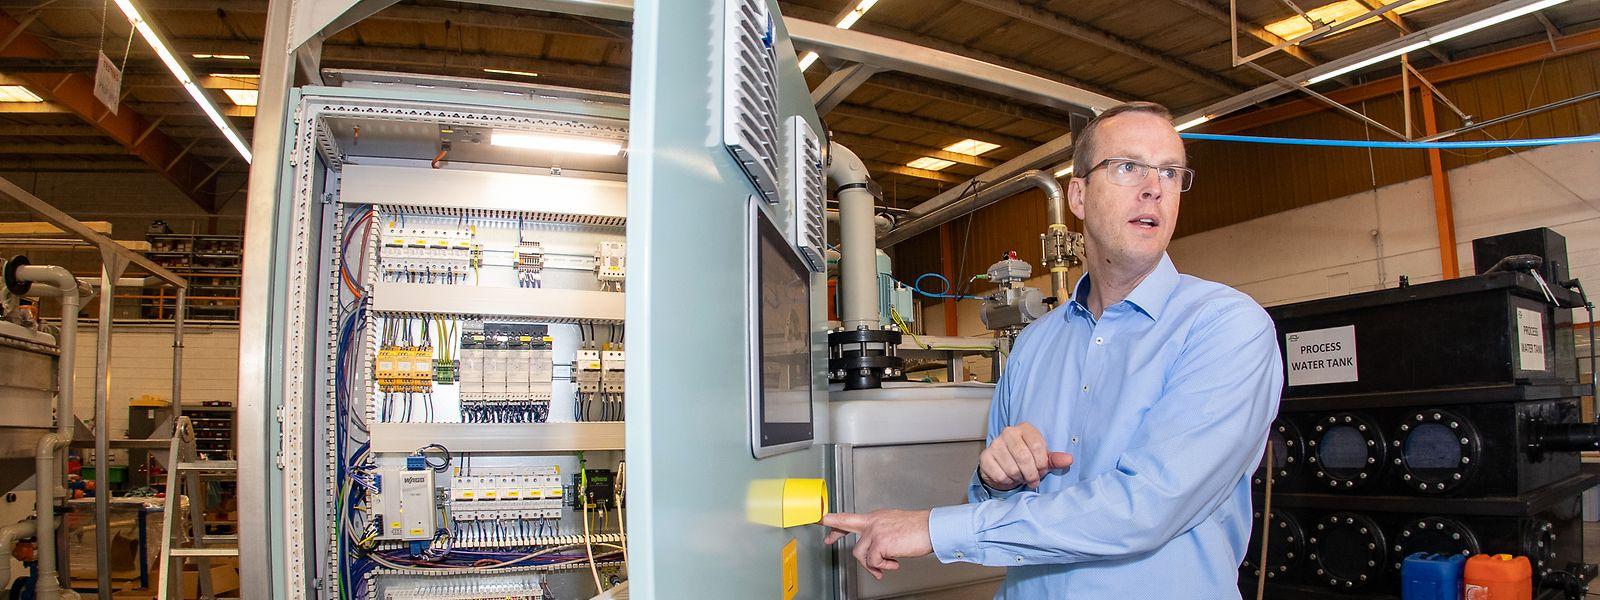 Apateq stellt auch die Schaltschränke für seine Anlagen in Luxemburg her, so Verkaufsleiter Dirk Martin